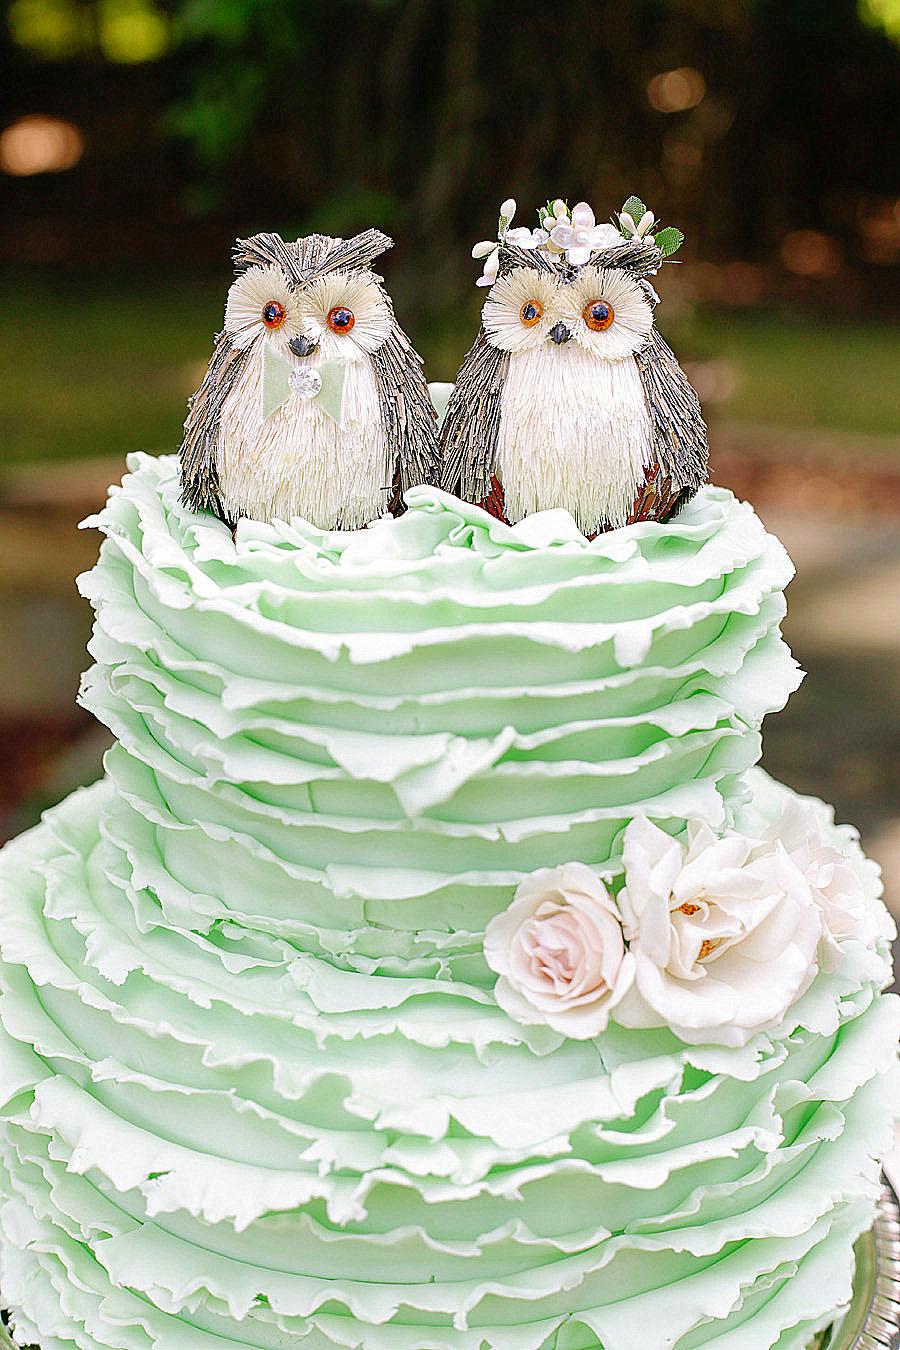 Bánh cưới đẹp màu xanh bạc hà với hình đôi cú mèo xinh xắn